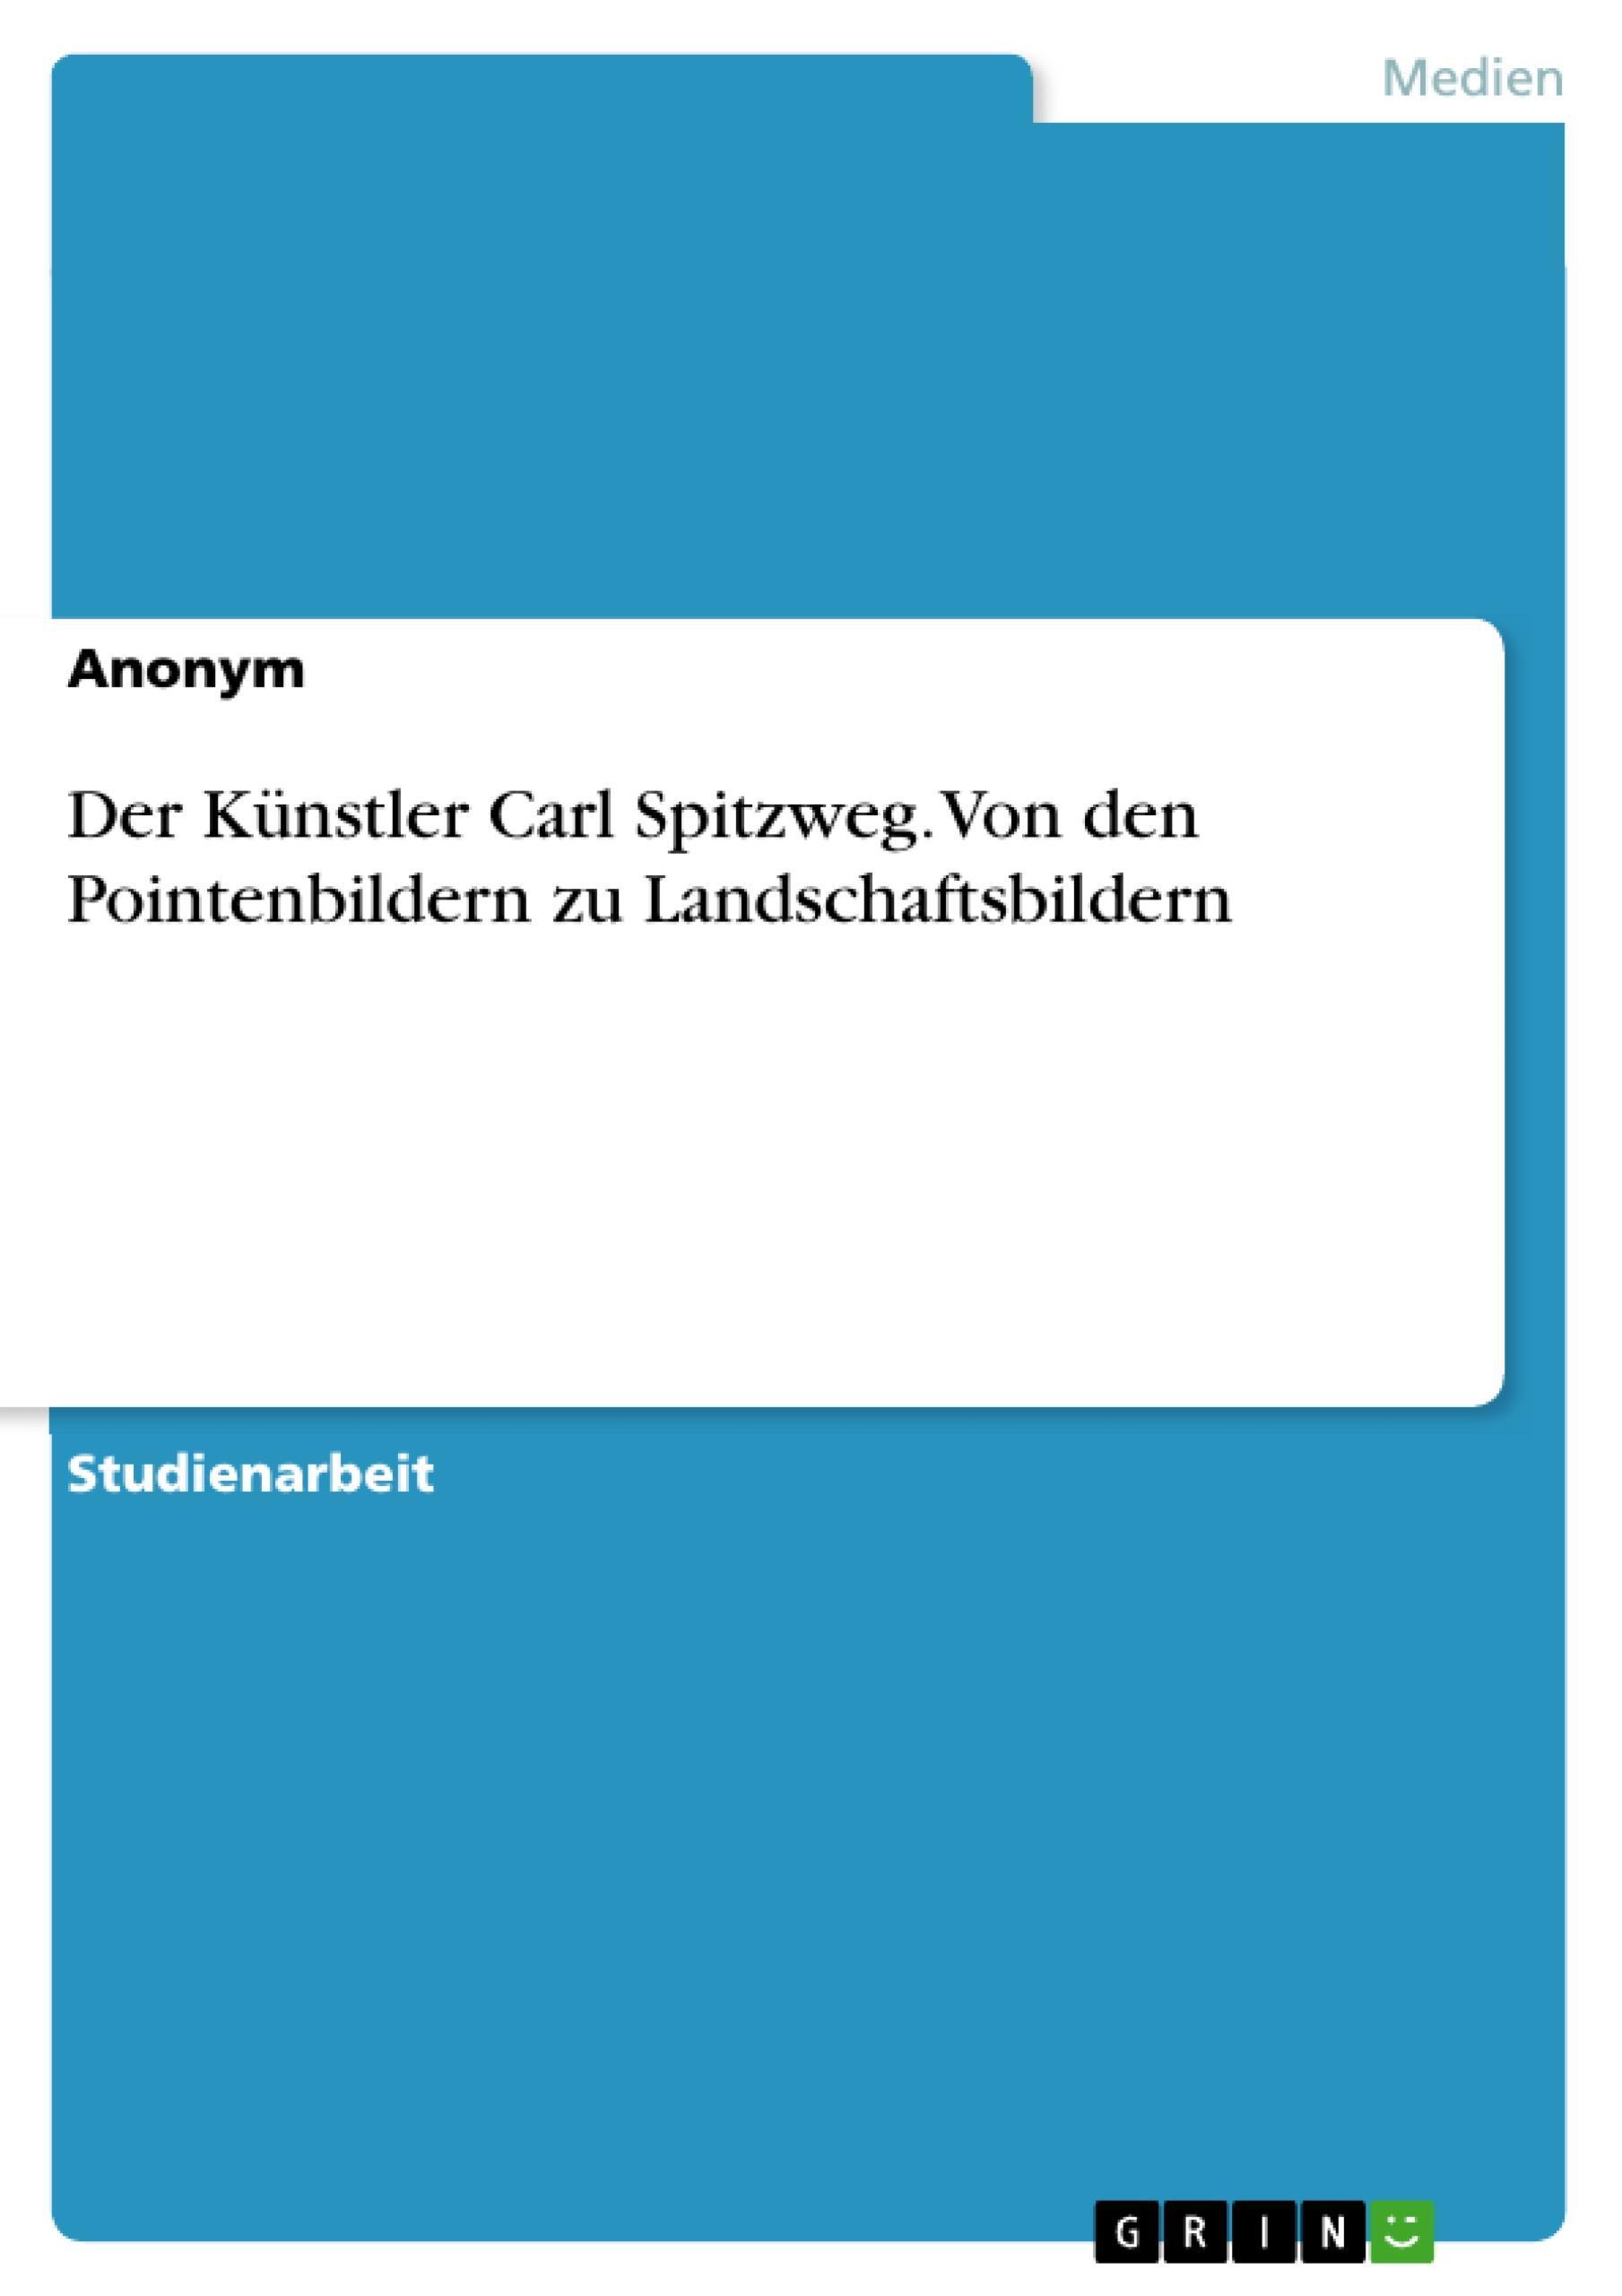 Der Künstler Carl Spitzweg. Von den Pointenbildern zu Landschaftsbildern